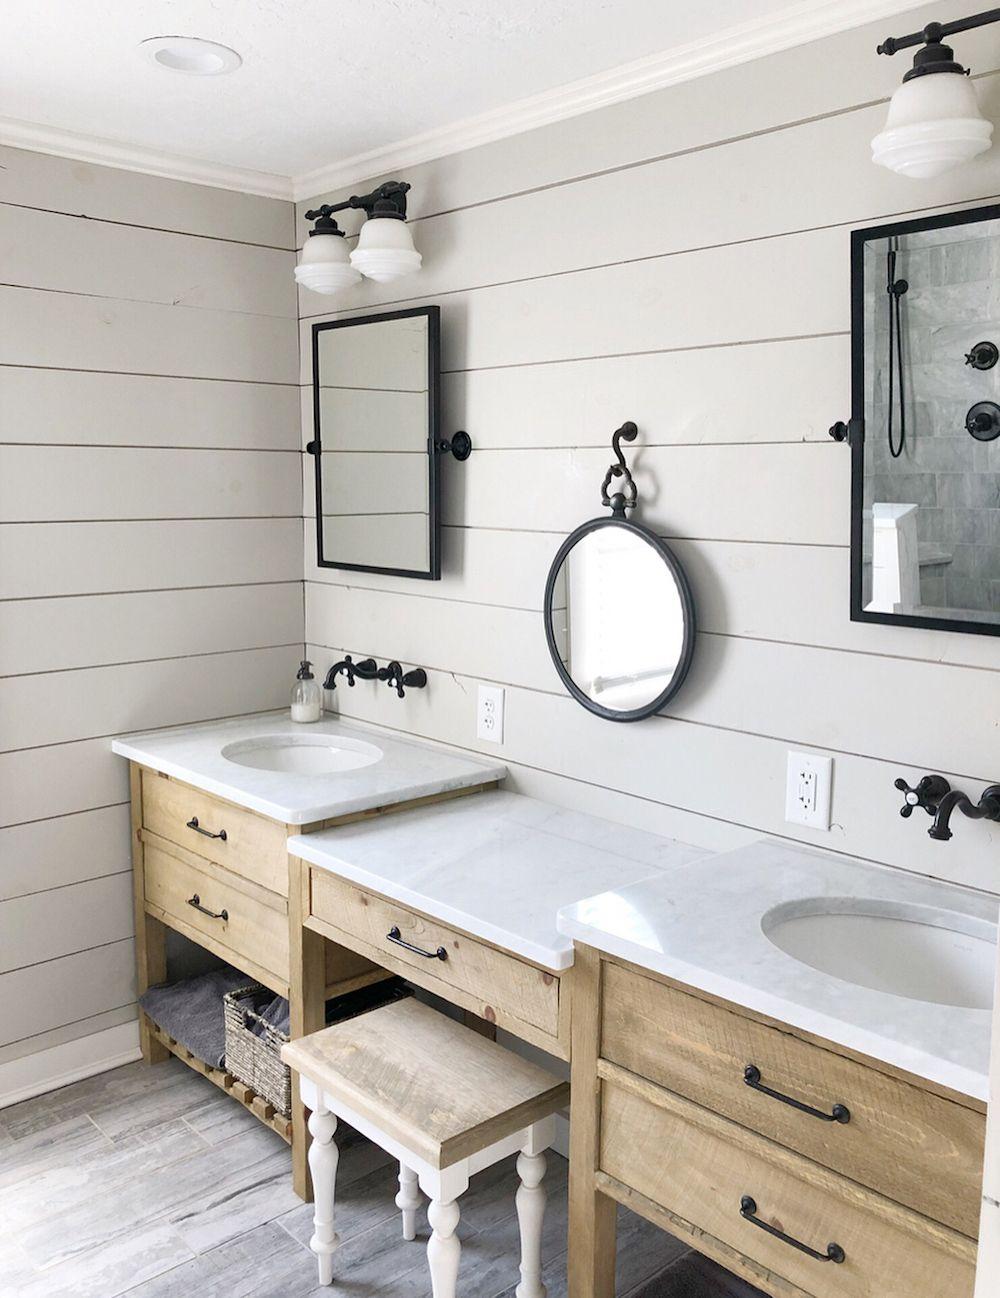 15 Bathroom Wall Decor Ideas: 15 Farmhouse Style Decor Ideas To Get You Started